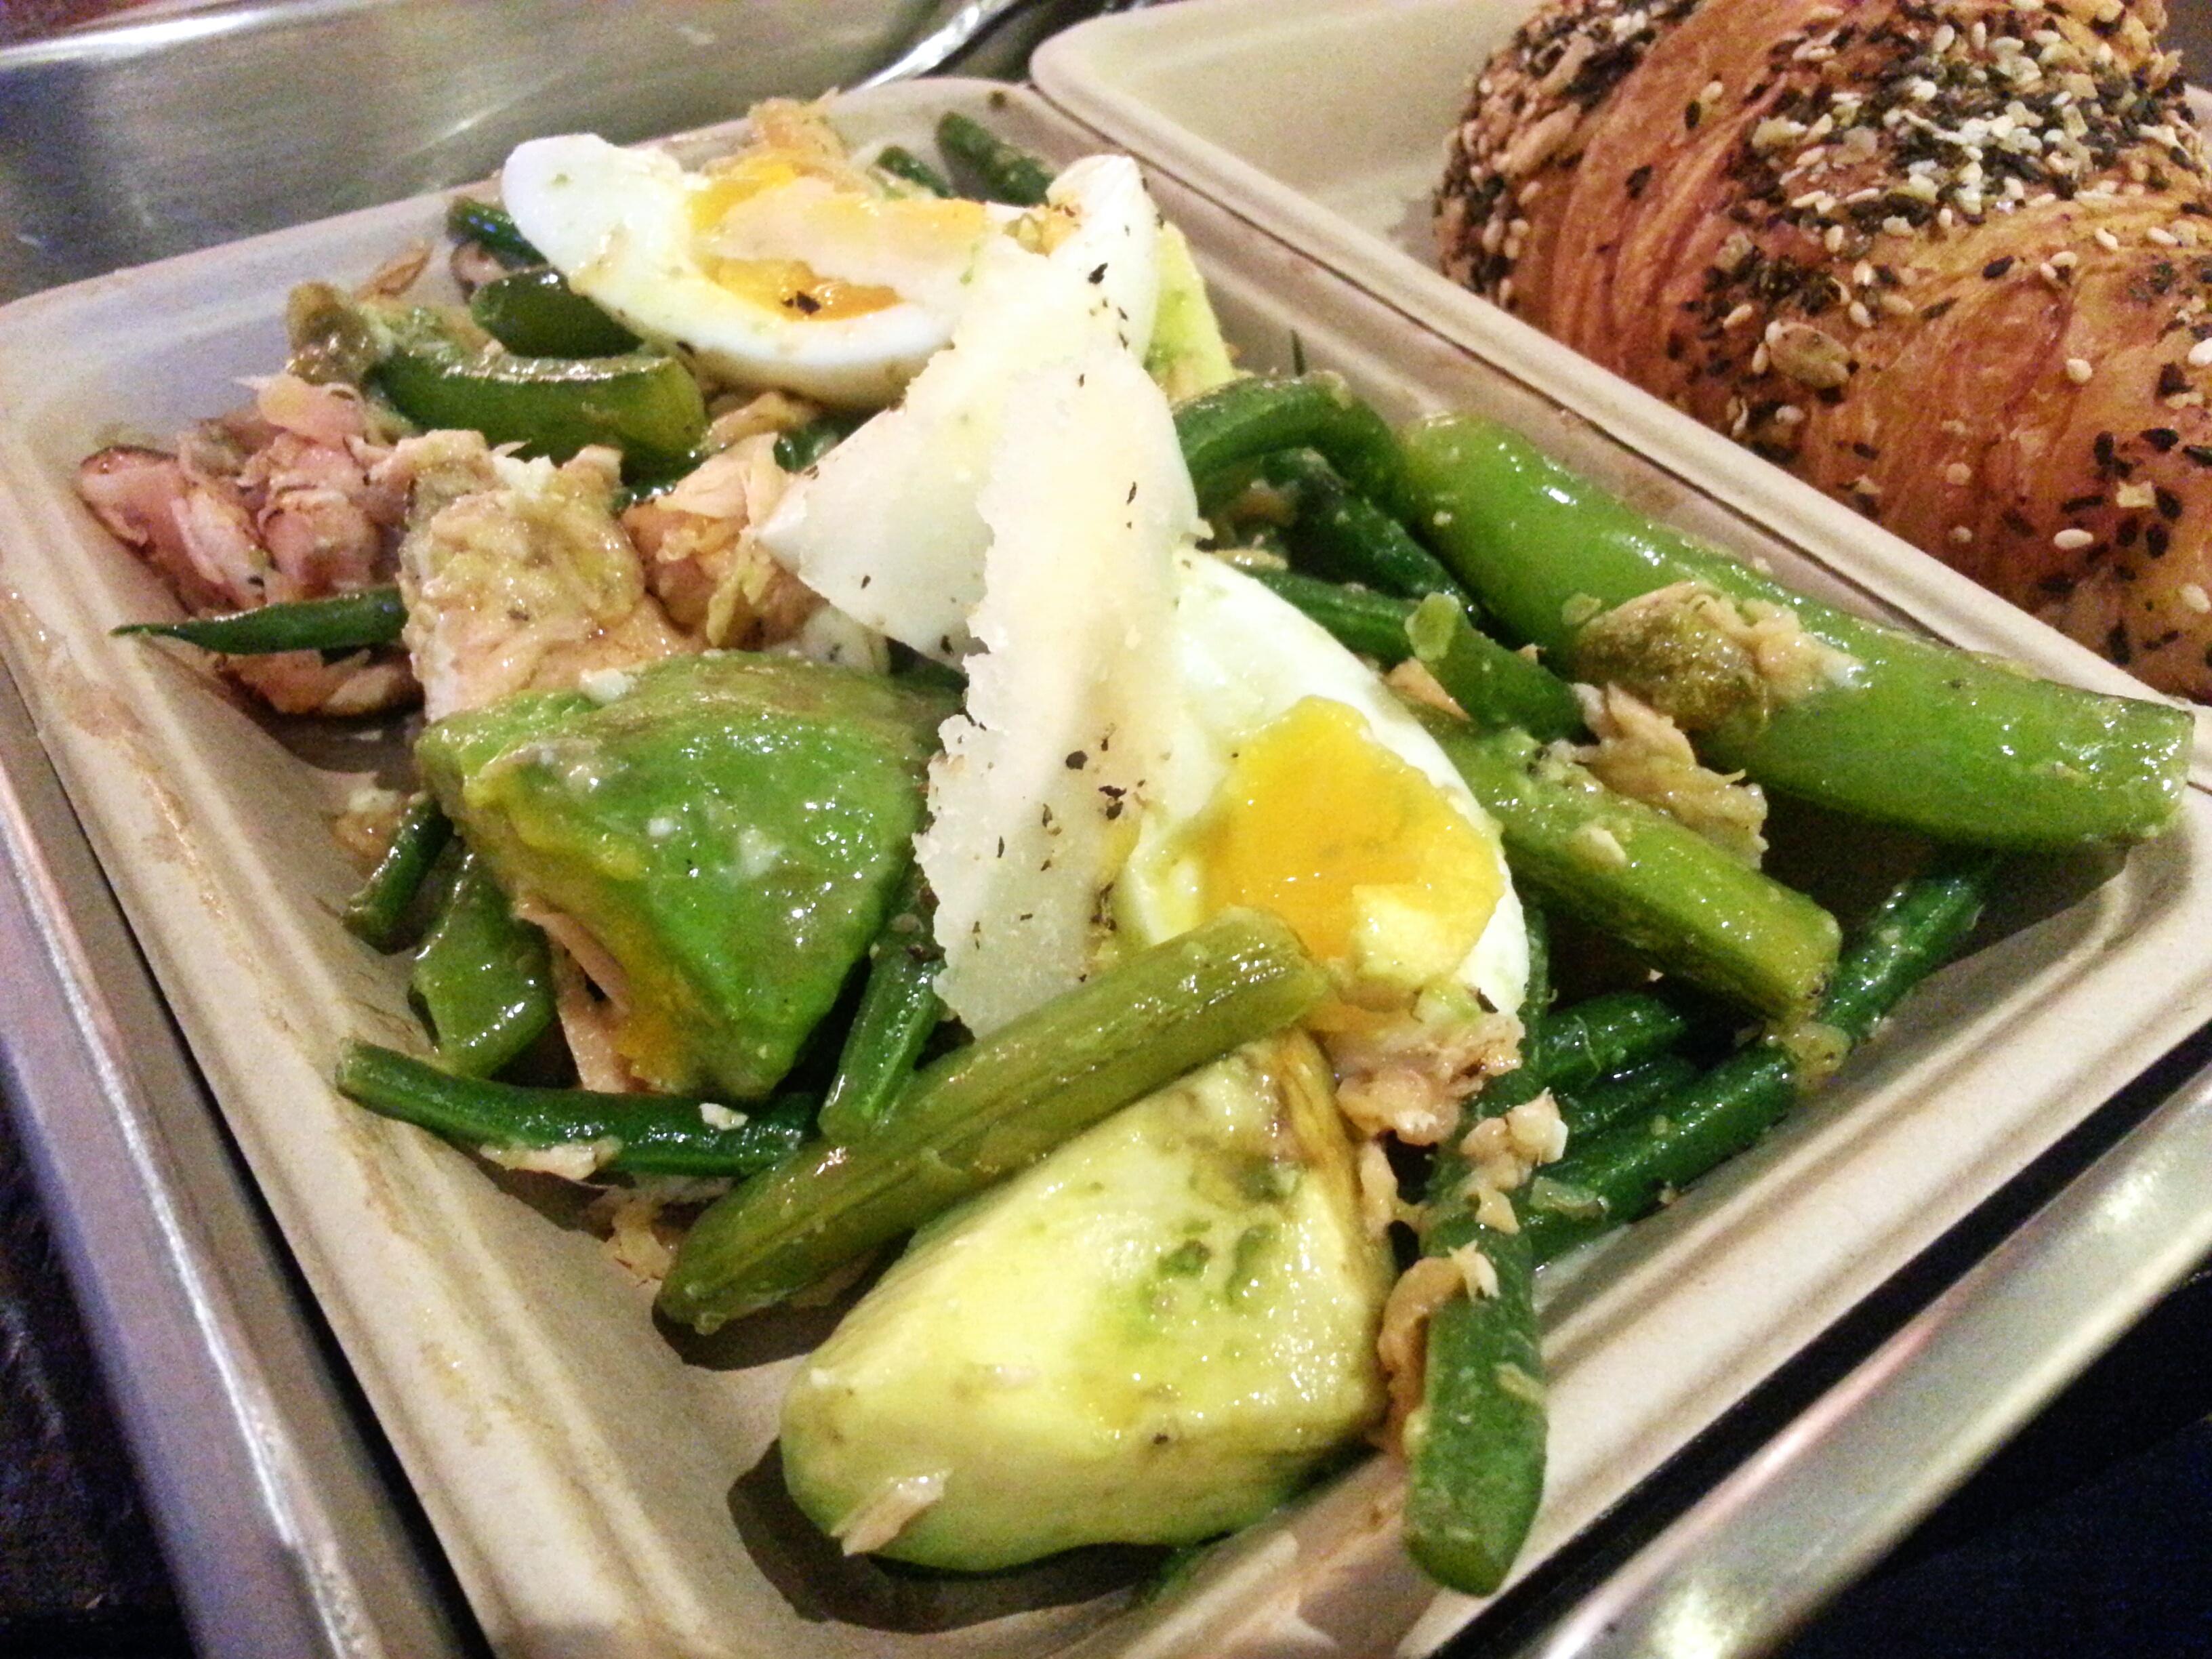 Salmon salad with avocado, sugar snaps and egg at Urban Bakery ...